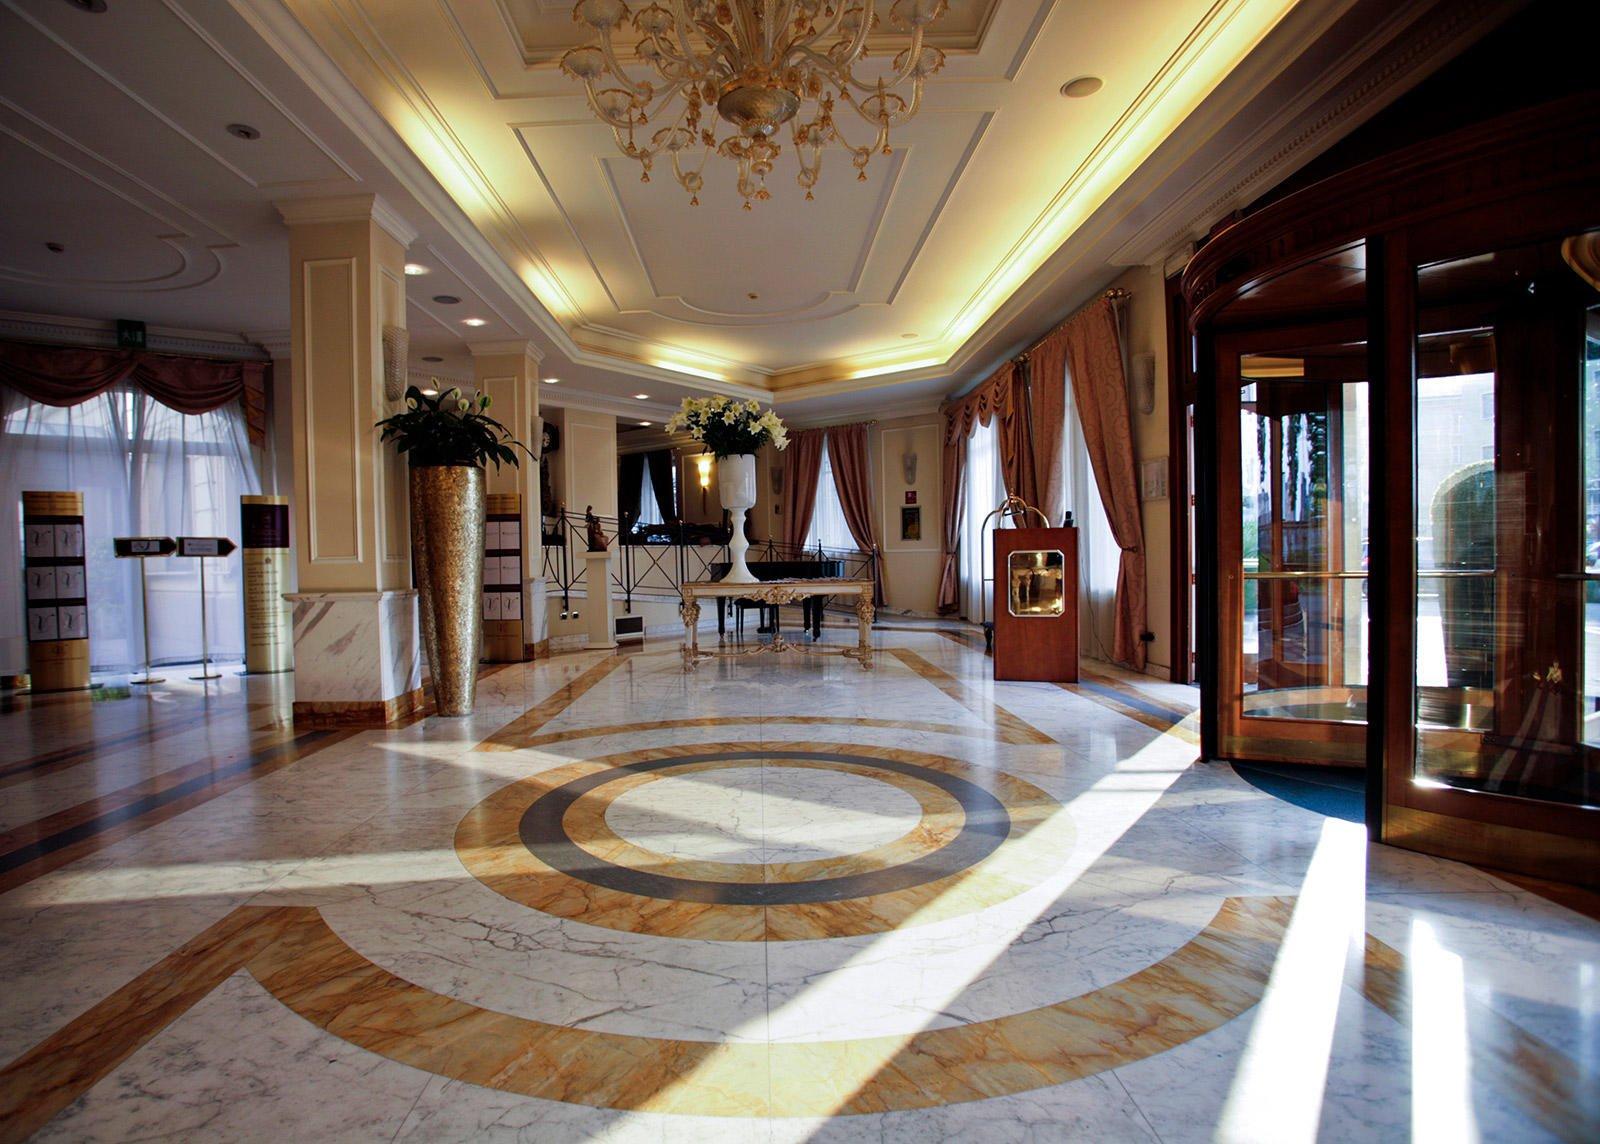 Lobby at Grand Visconti Palace in Milan